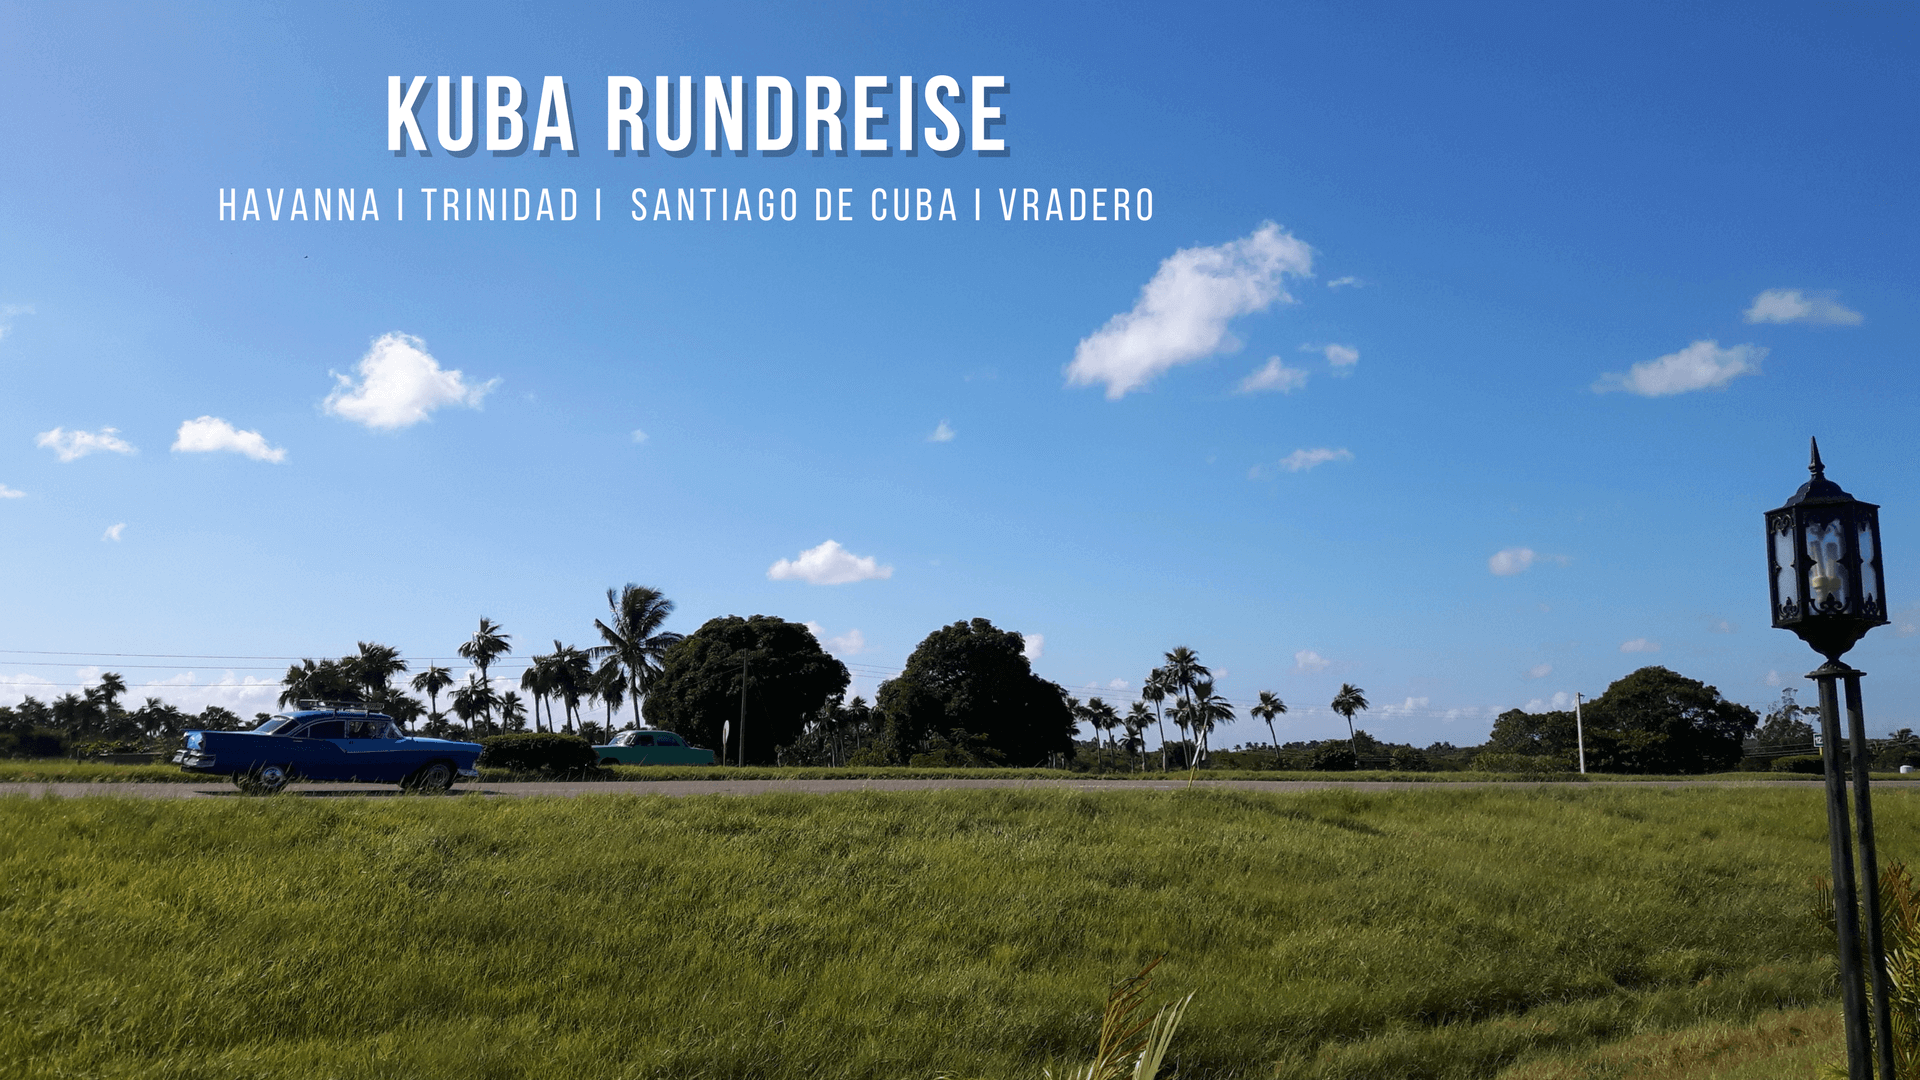 Kuba Rundreise günstig - Reisebericht & Tipps